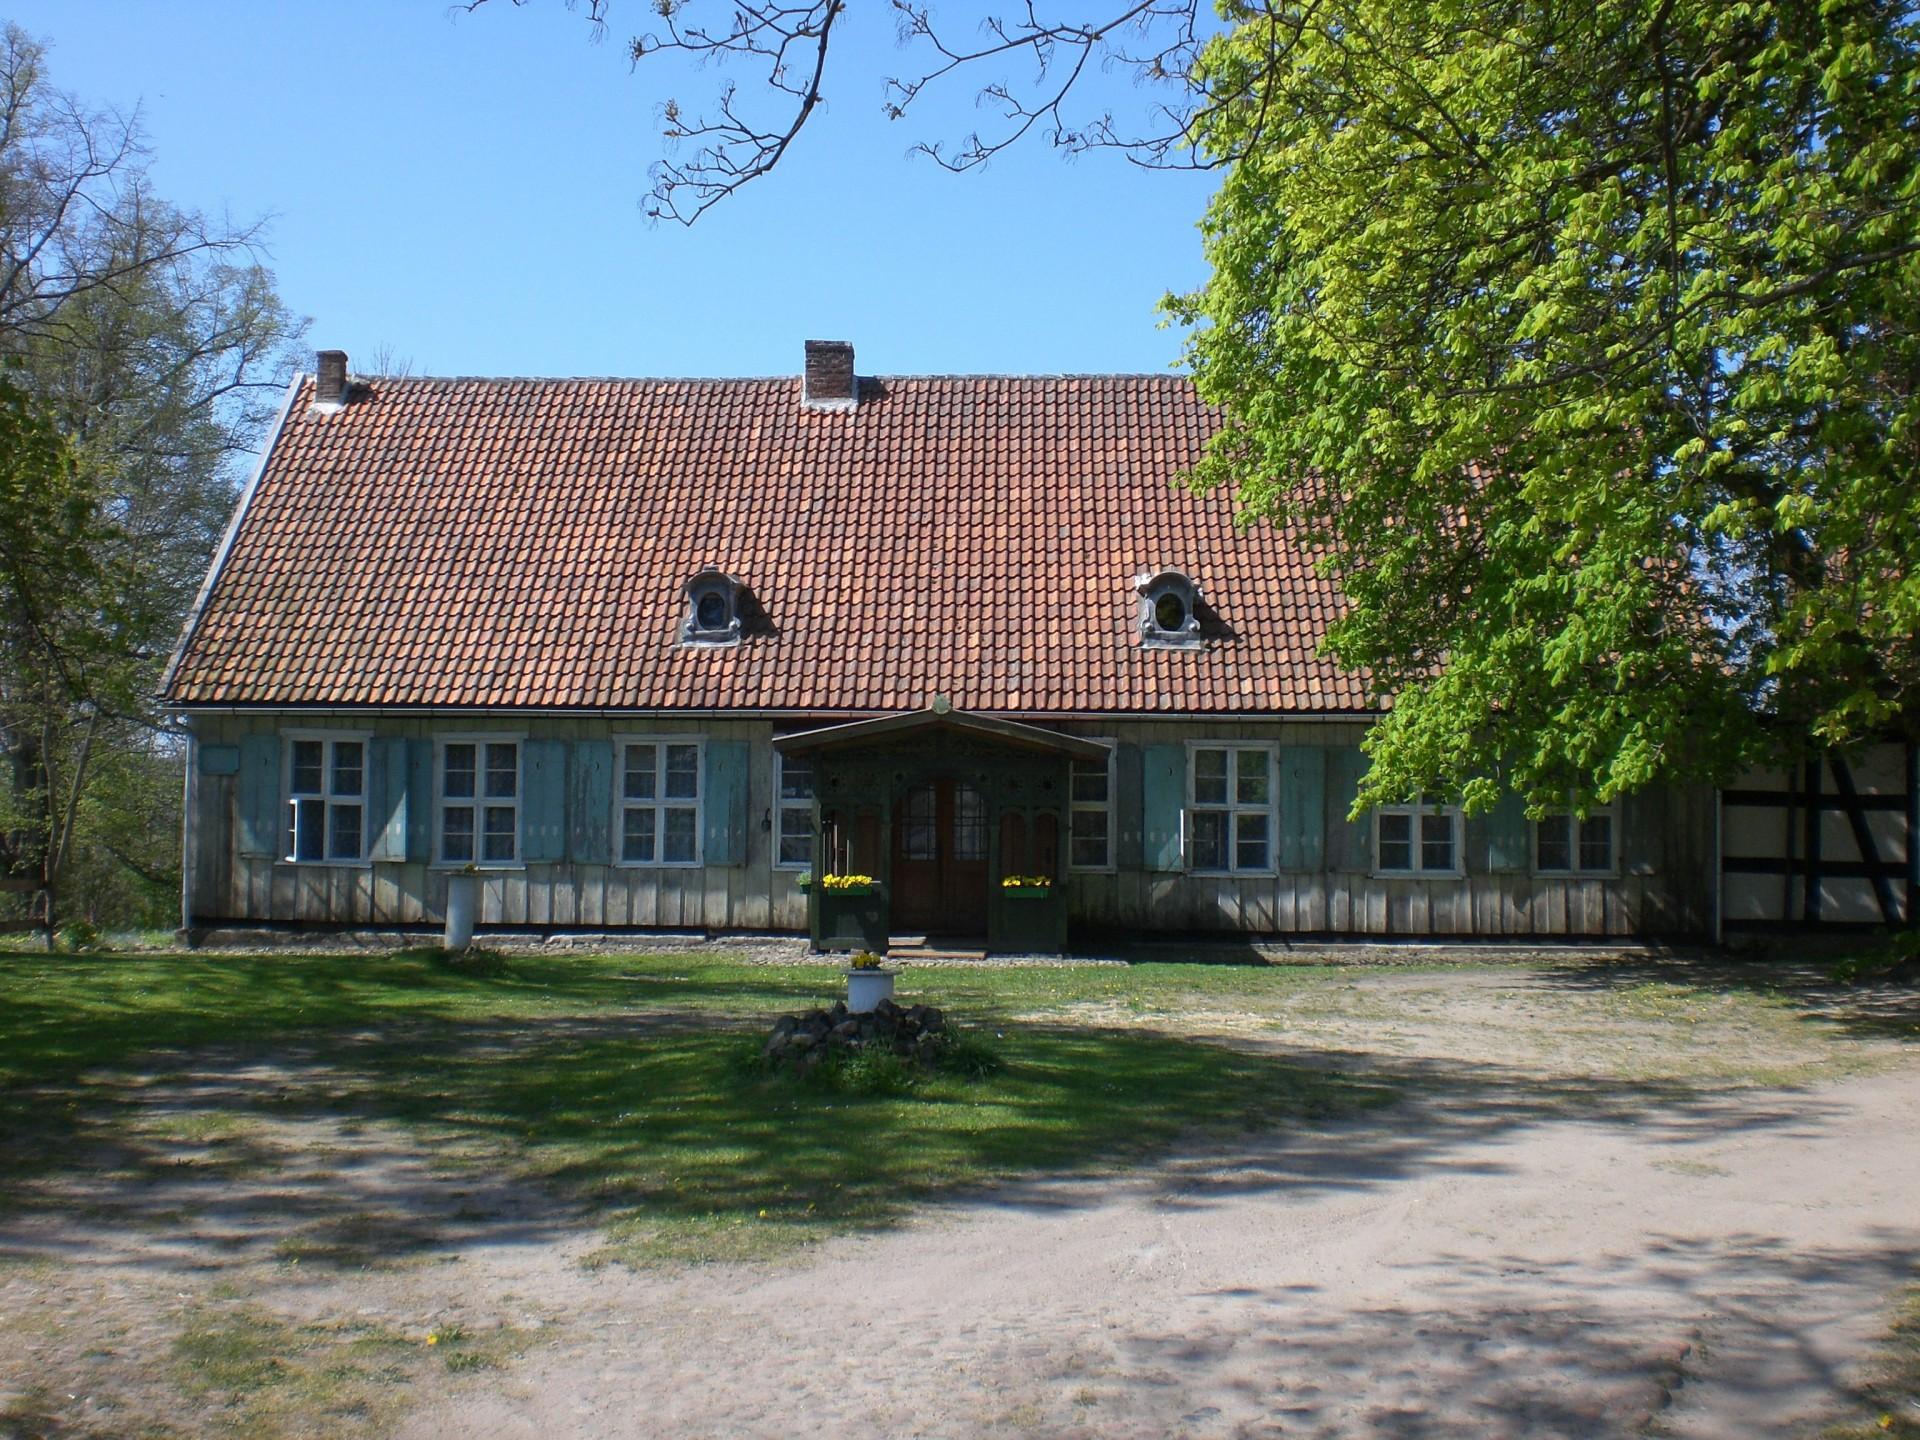 Dworek starościński w Mirachowie Źródło Wikimedia.org Autor: Gdaniec Licencja: CC BY-SA 3.0